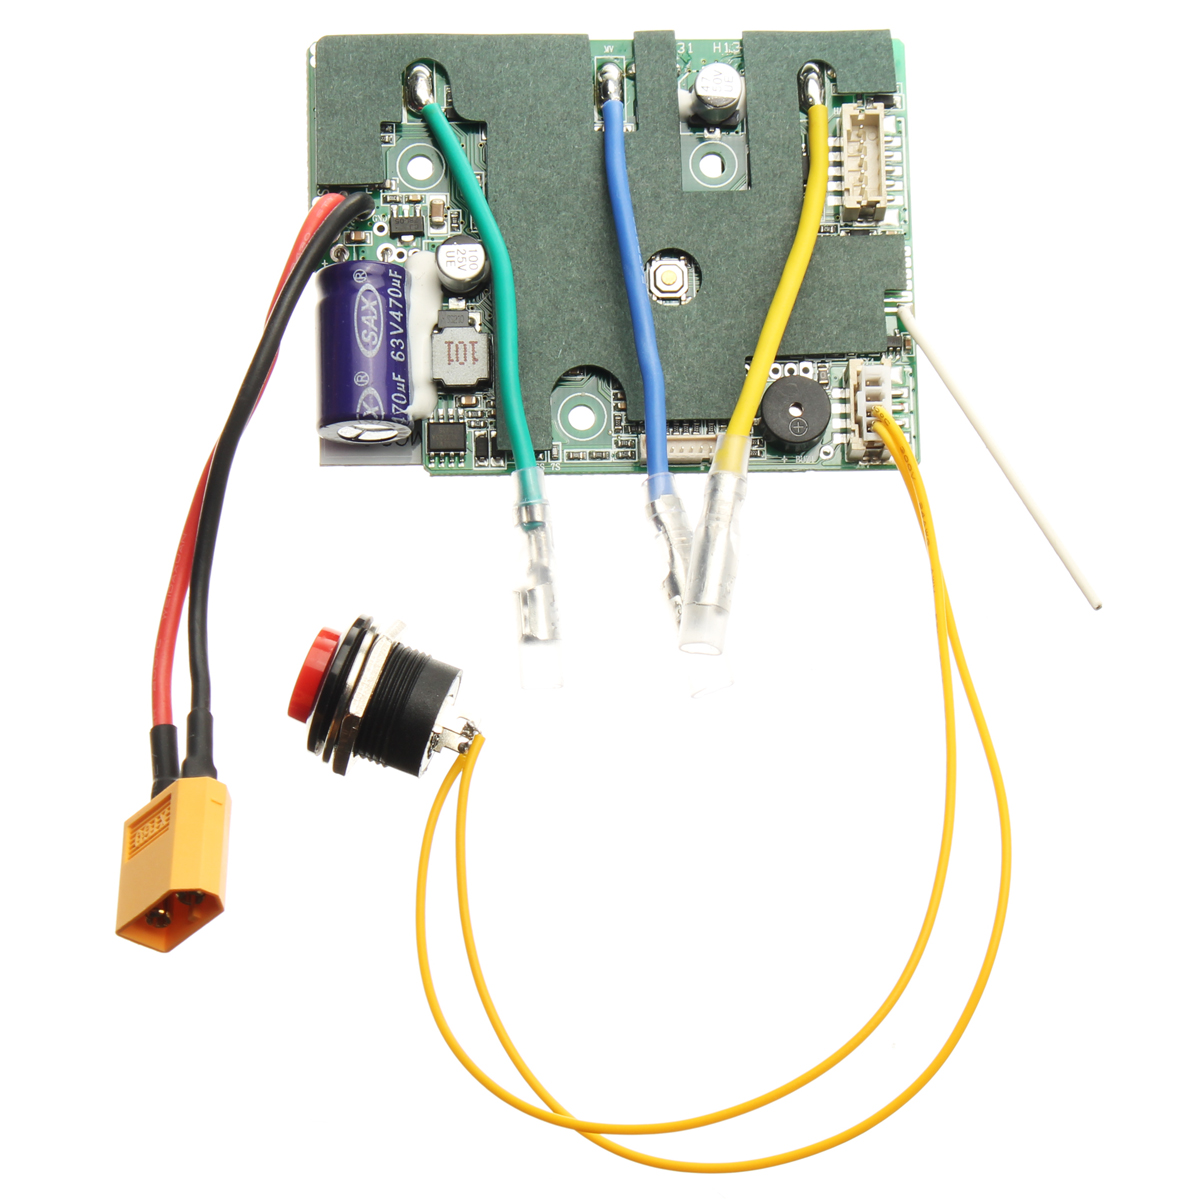 Planche À Roulettes électrique Kit de Moteur de Moyeu avec capteur sans fil 2.4g transmission de la télécommande Pour Le BRICOLAGE Planche À Roulettes Électrique Moteur - 3